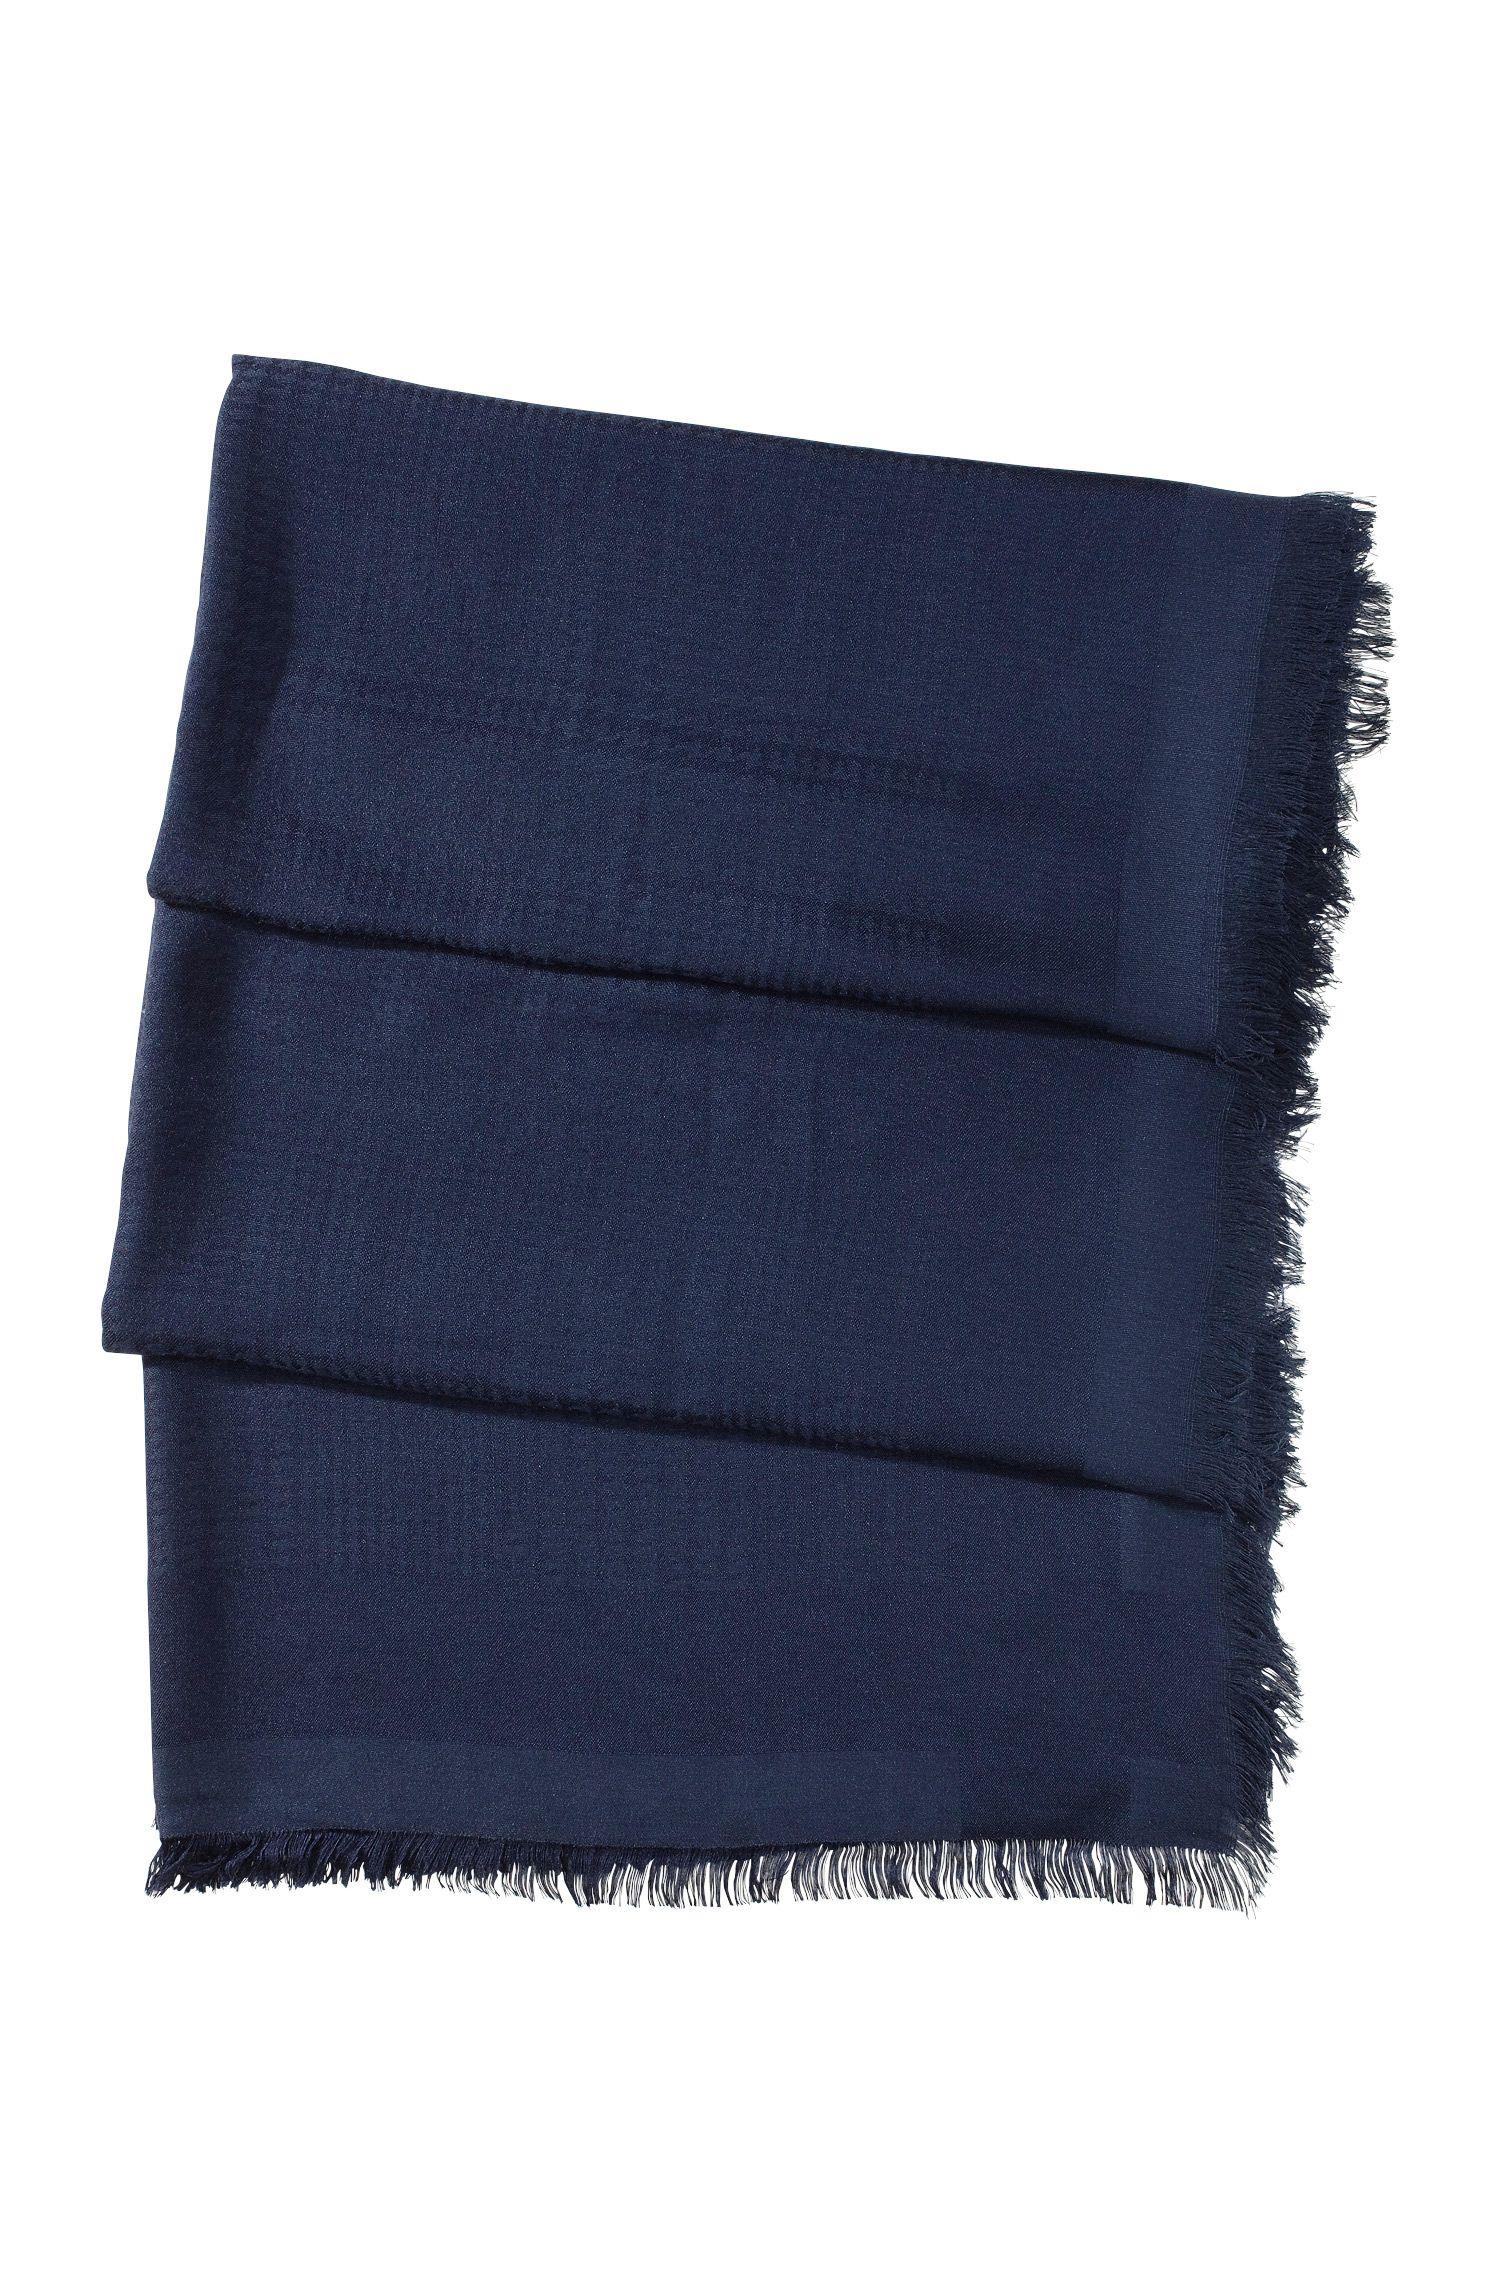 Schal ´SC470` aus hochwertigem Viskose-Modal Mix